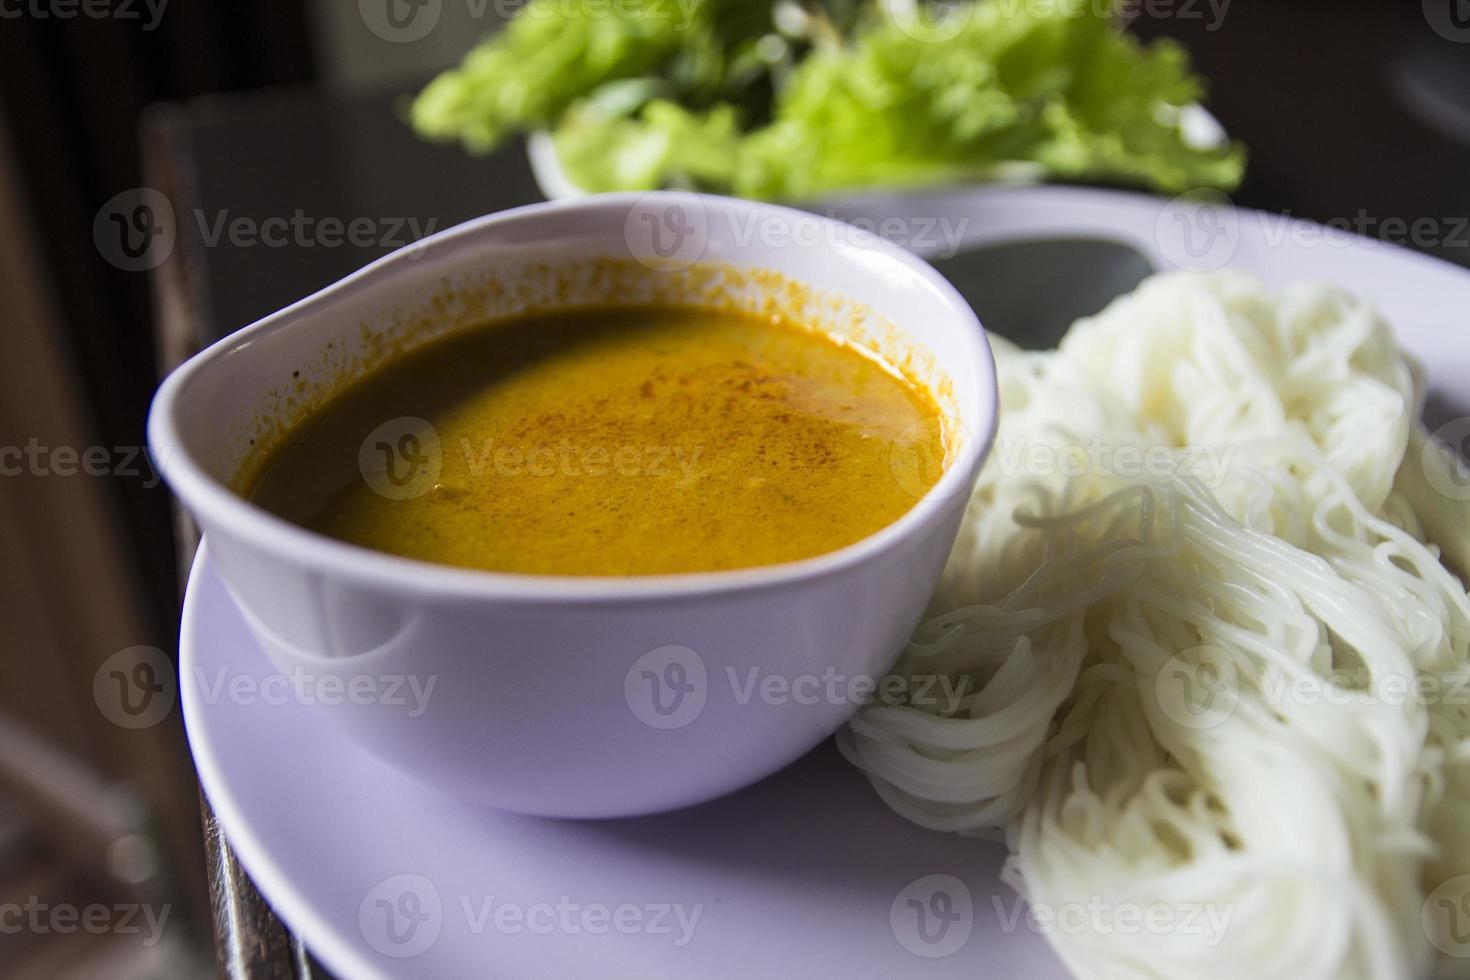 vermicelles de riz consommés avec une soupe de poisson hachée photo